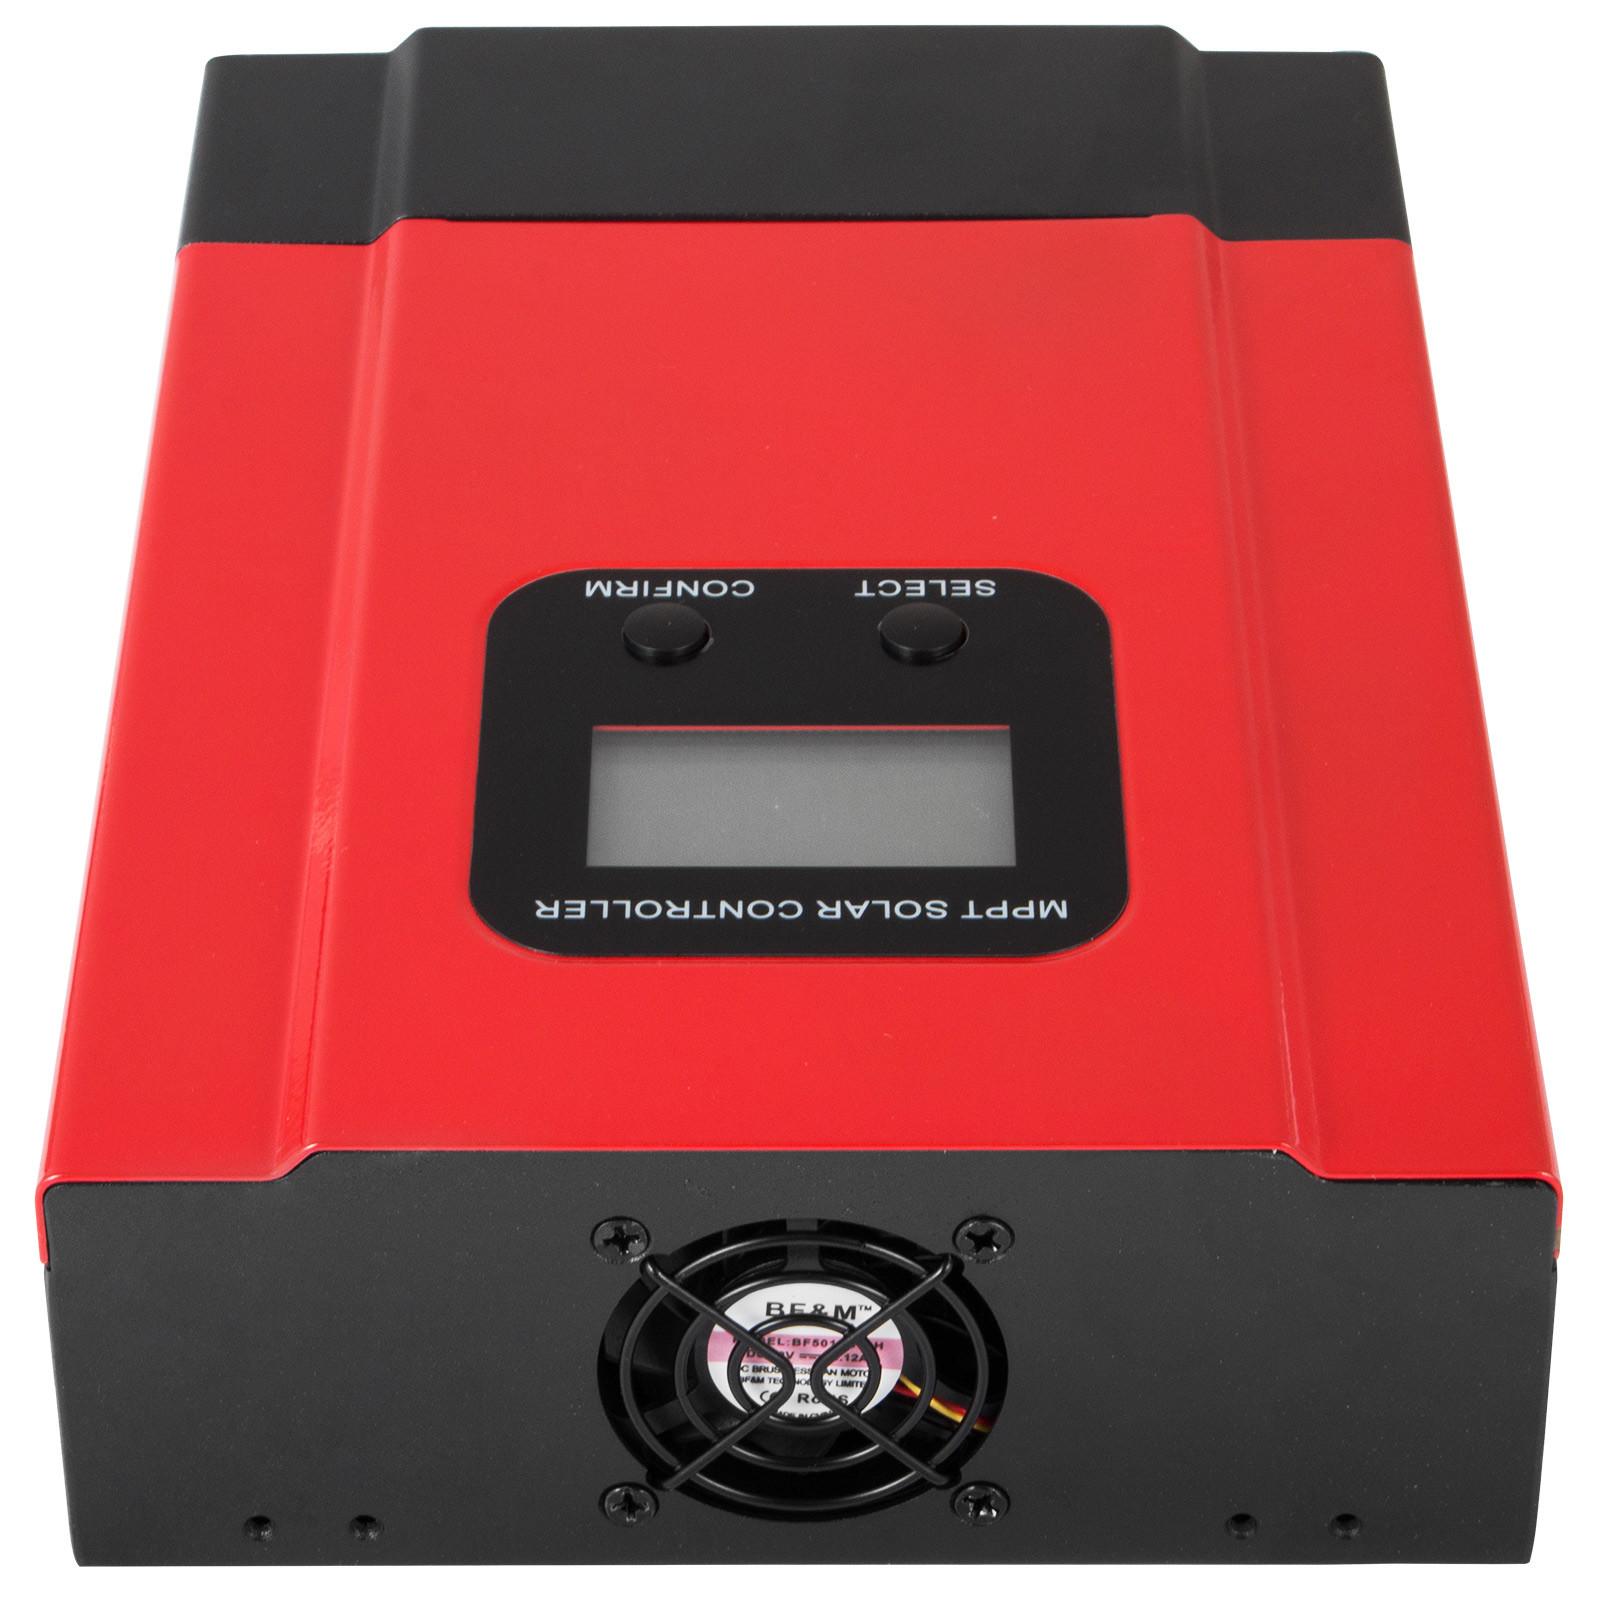 ESMART-3-LCD-40a-50a-60a-12v-24v-36v-48v-MPPT-Solar-Charge-Controller-Regolatore-di-carica miniatura 51